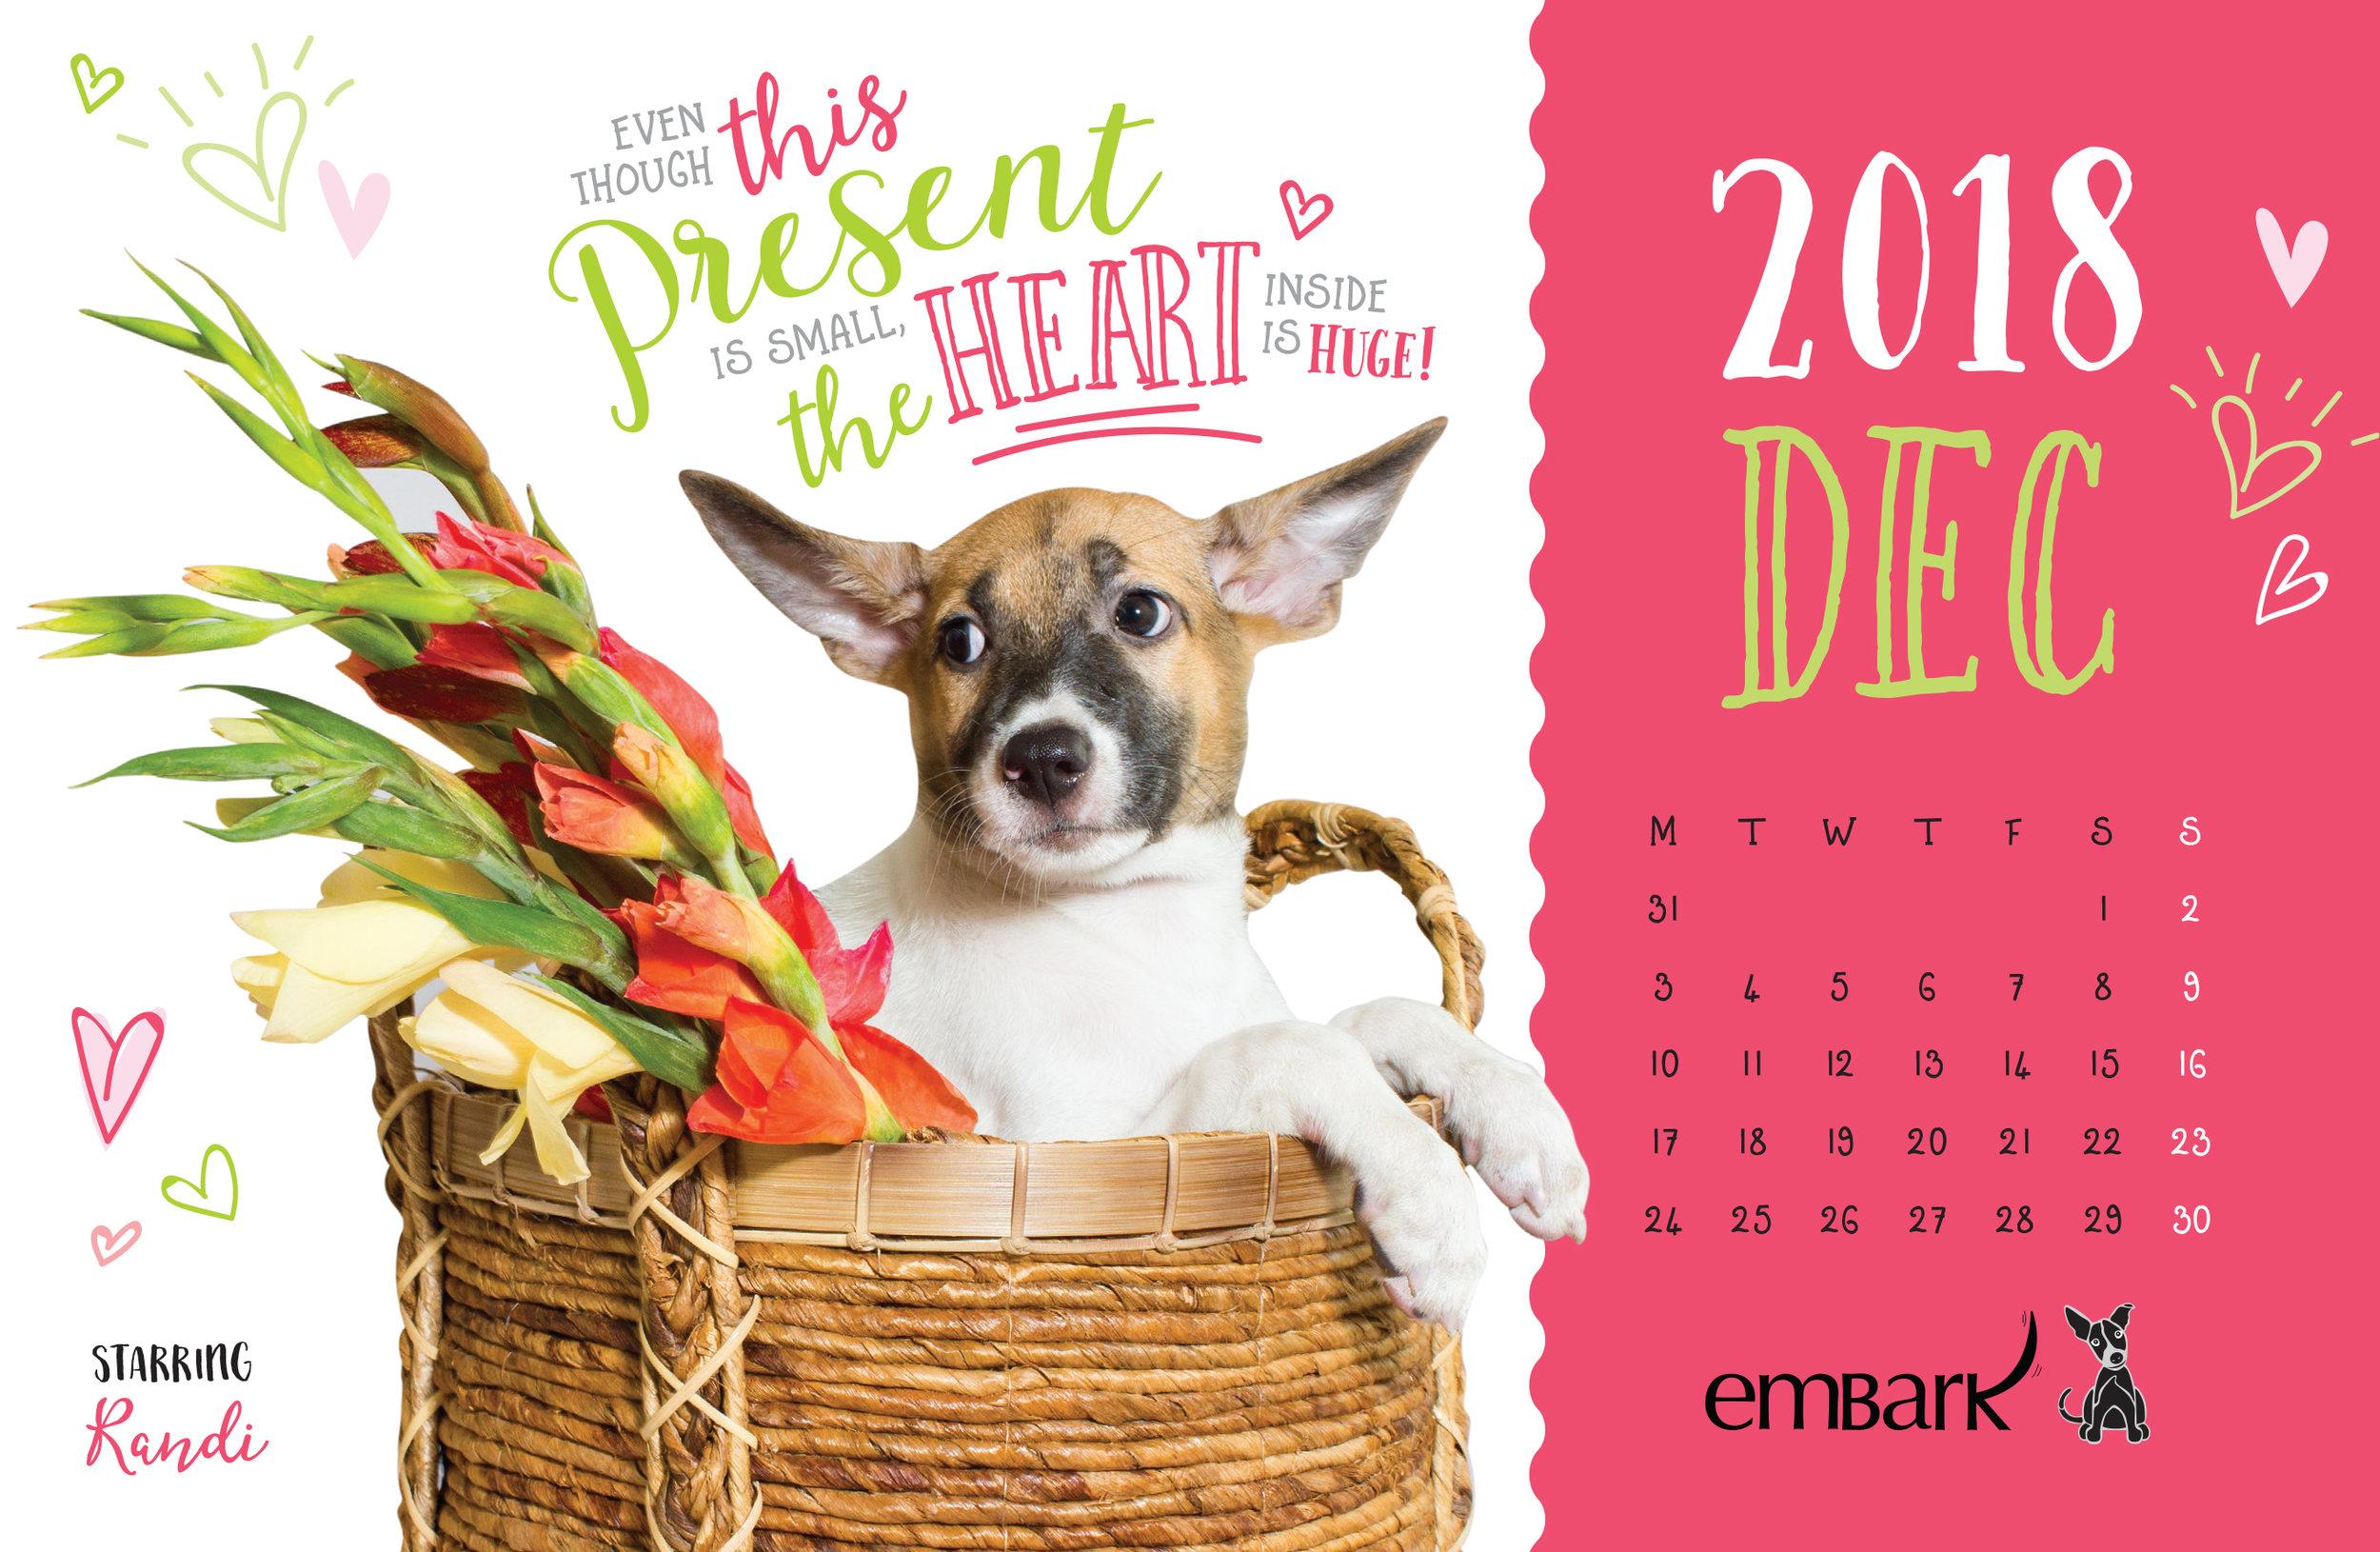 Embark-Calendar-2018-25.jpg